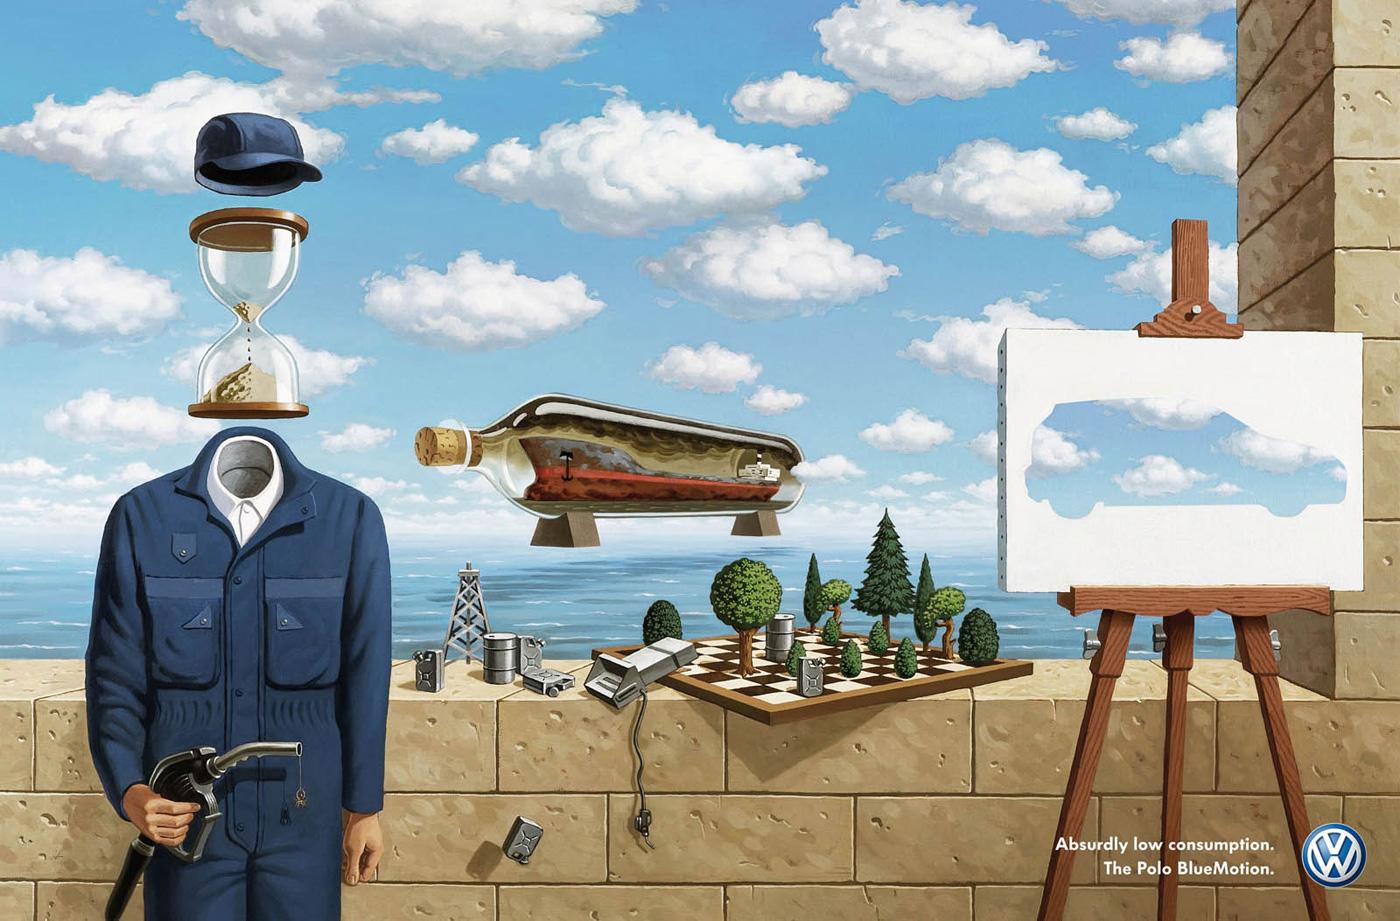 Vw 39 s 39 surrealism 39 touts absurdly low gas consumption - Les classiques du design ...